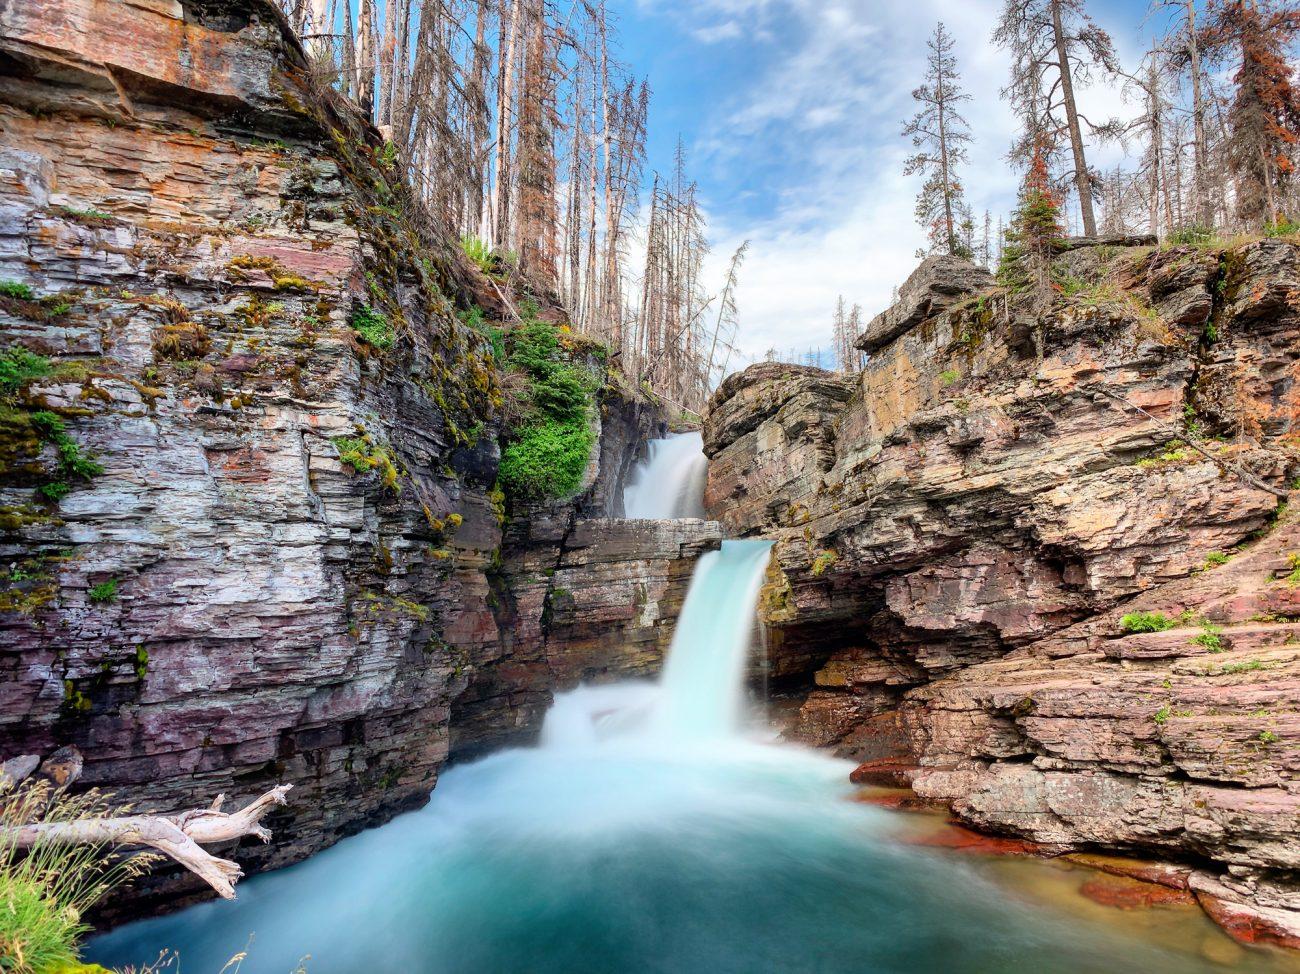 Glacier Waterfall Blurred